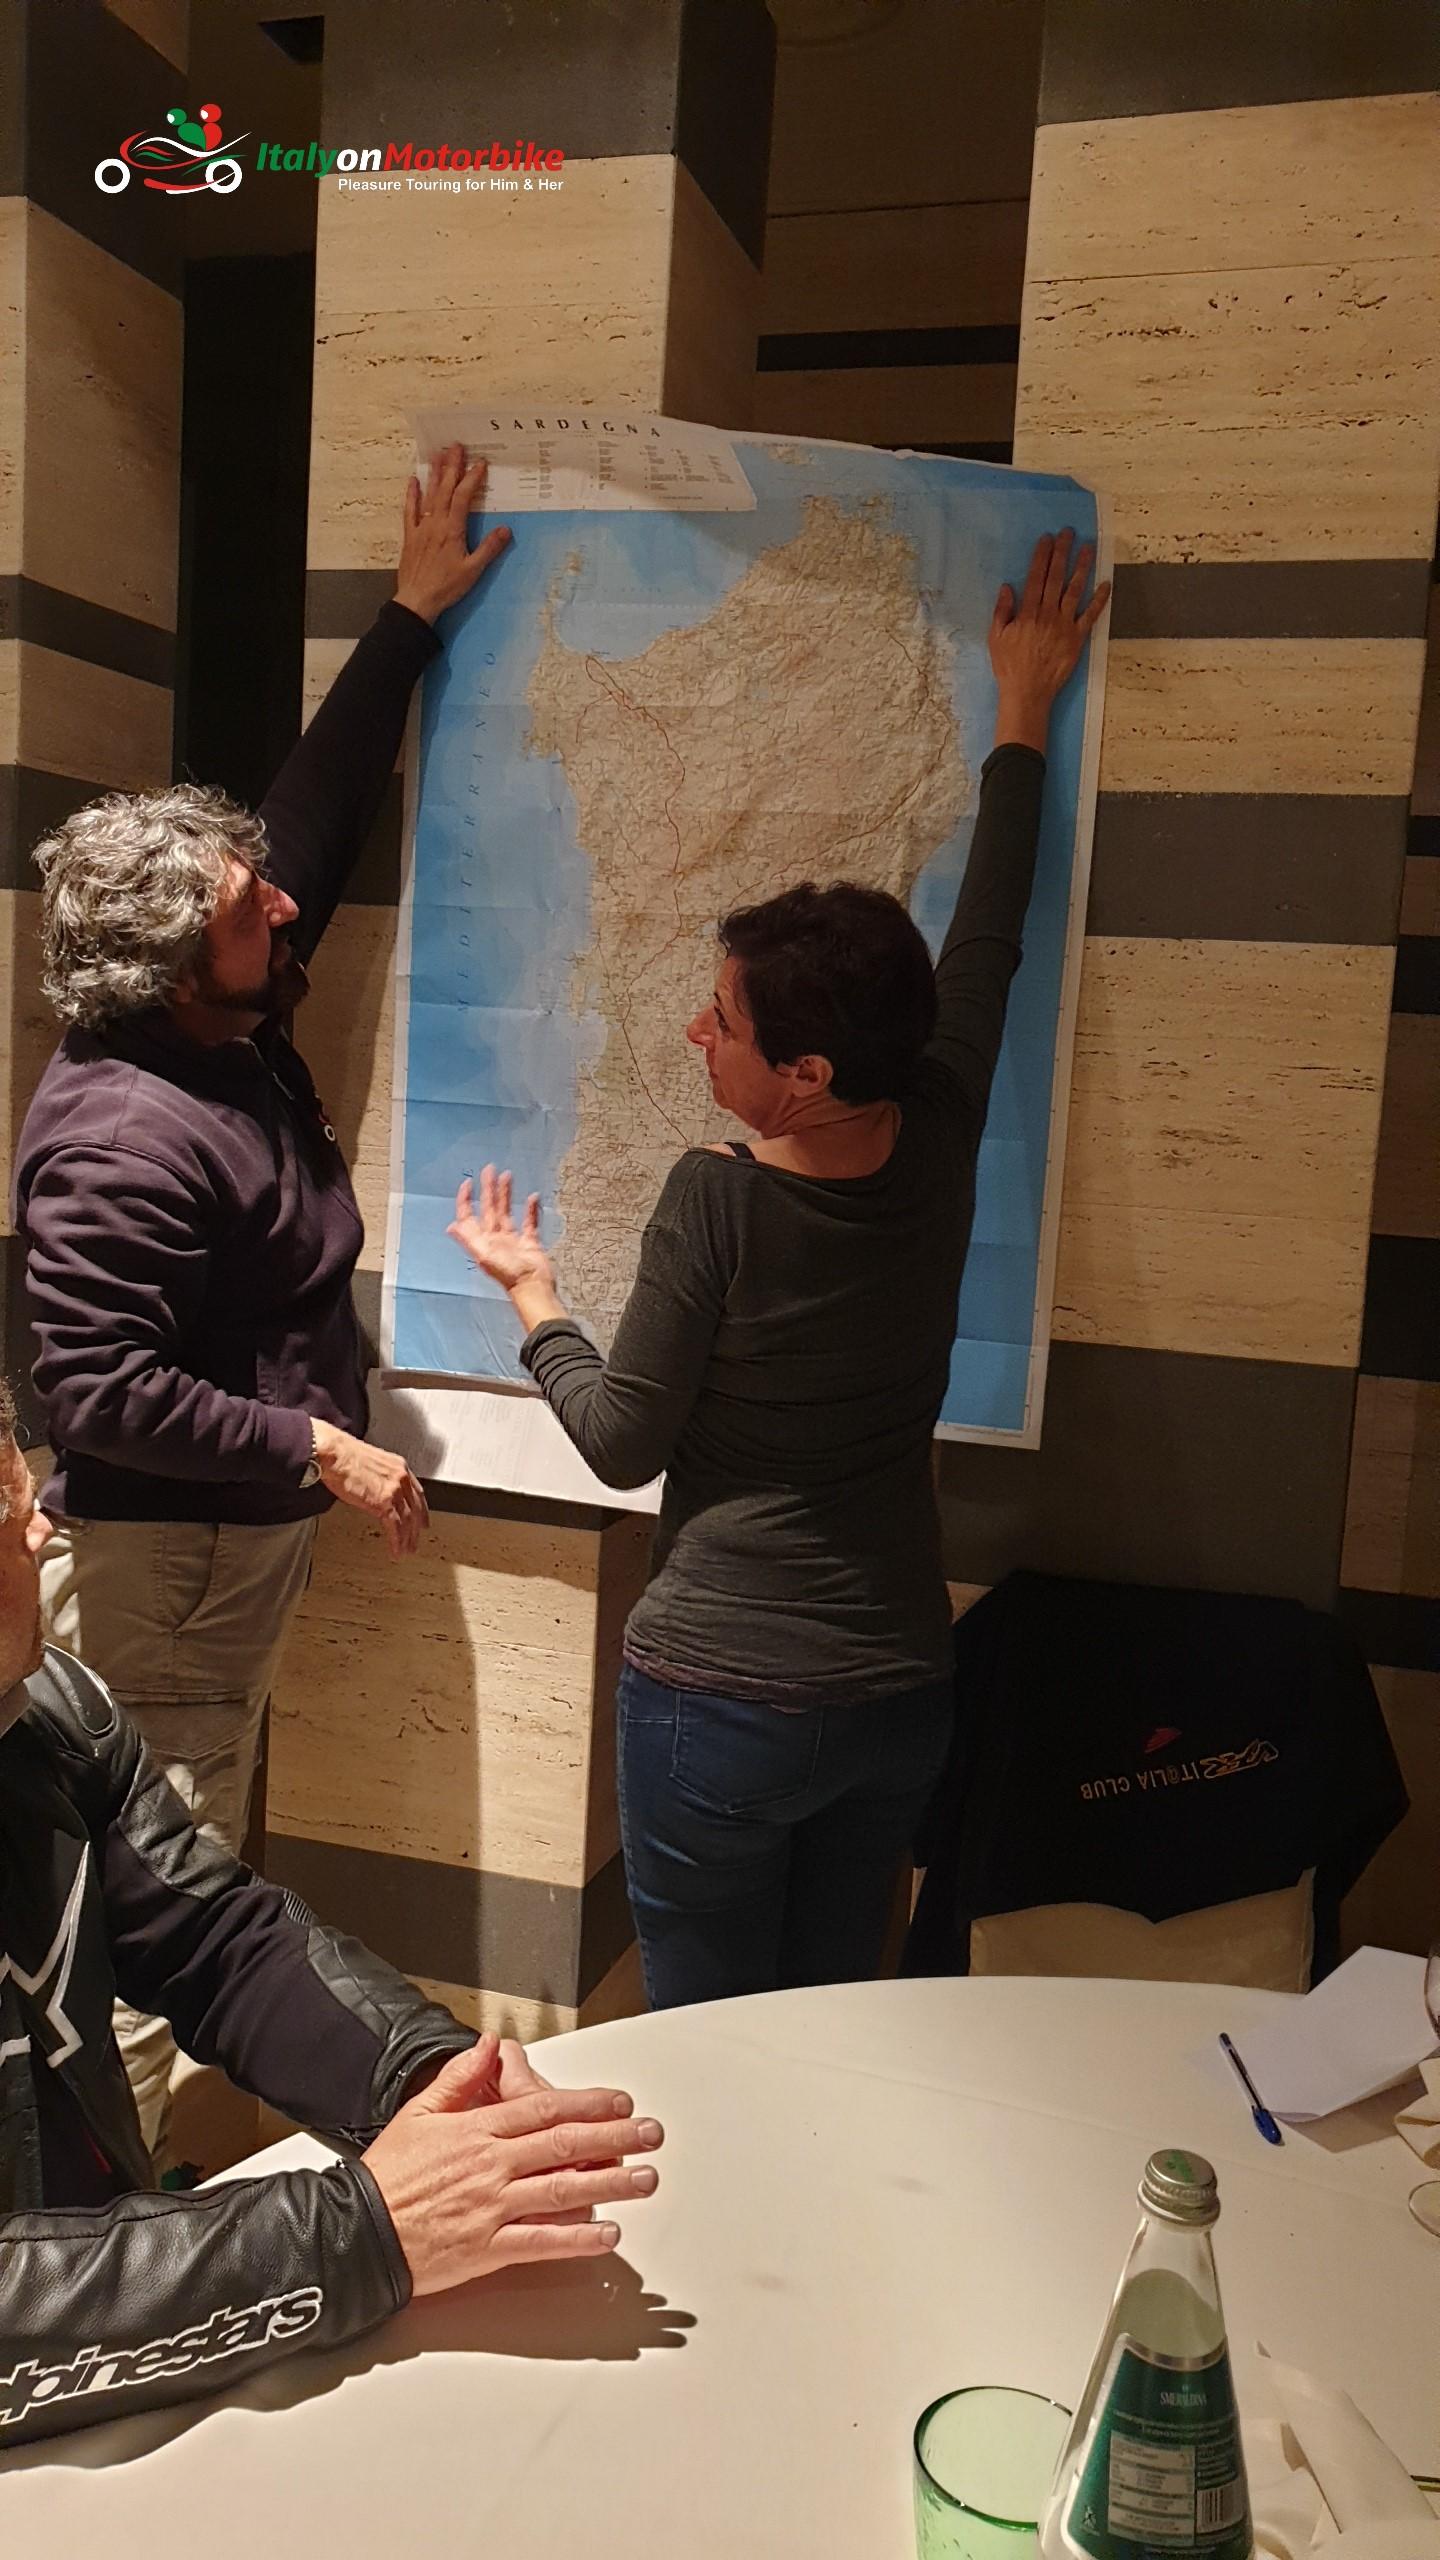 Comment lire une carte avec les gens du coin